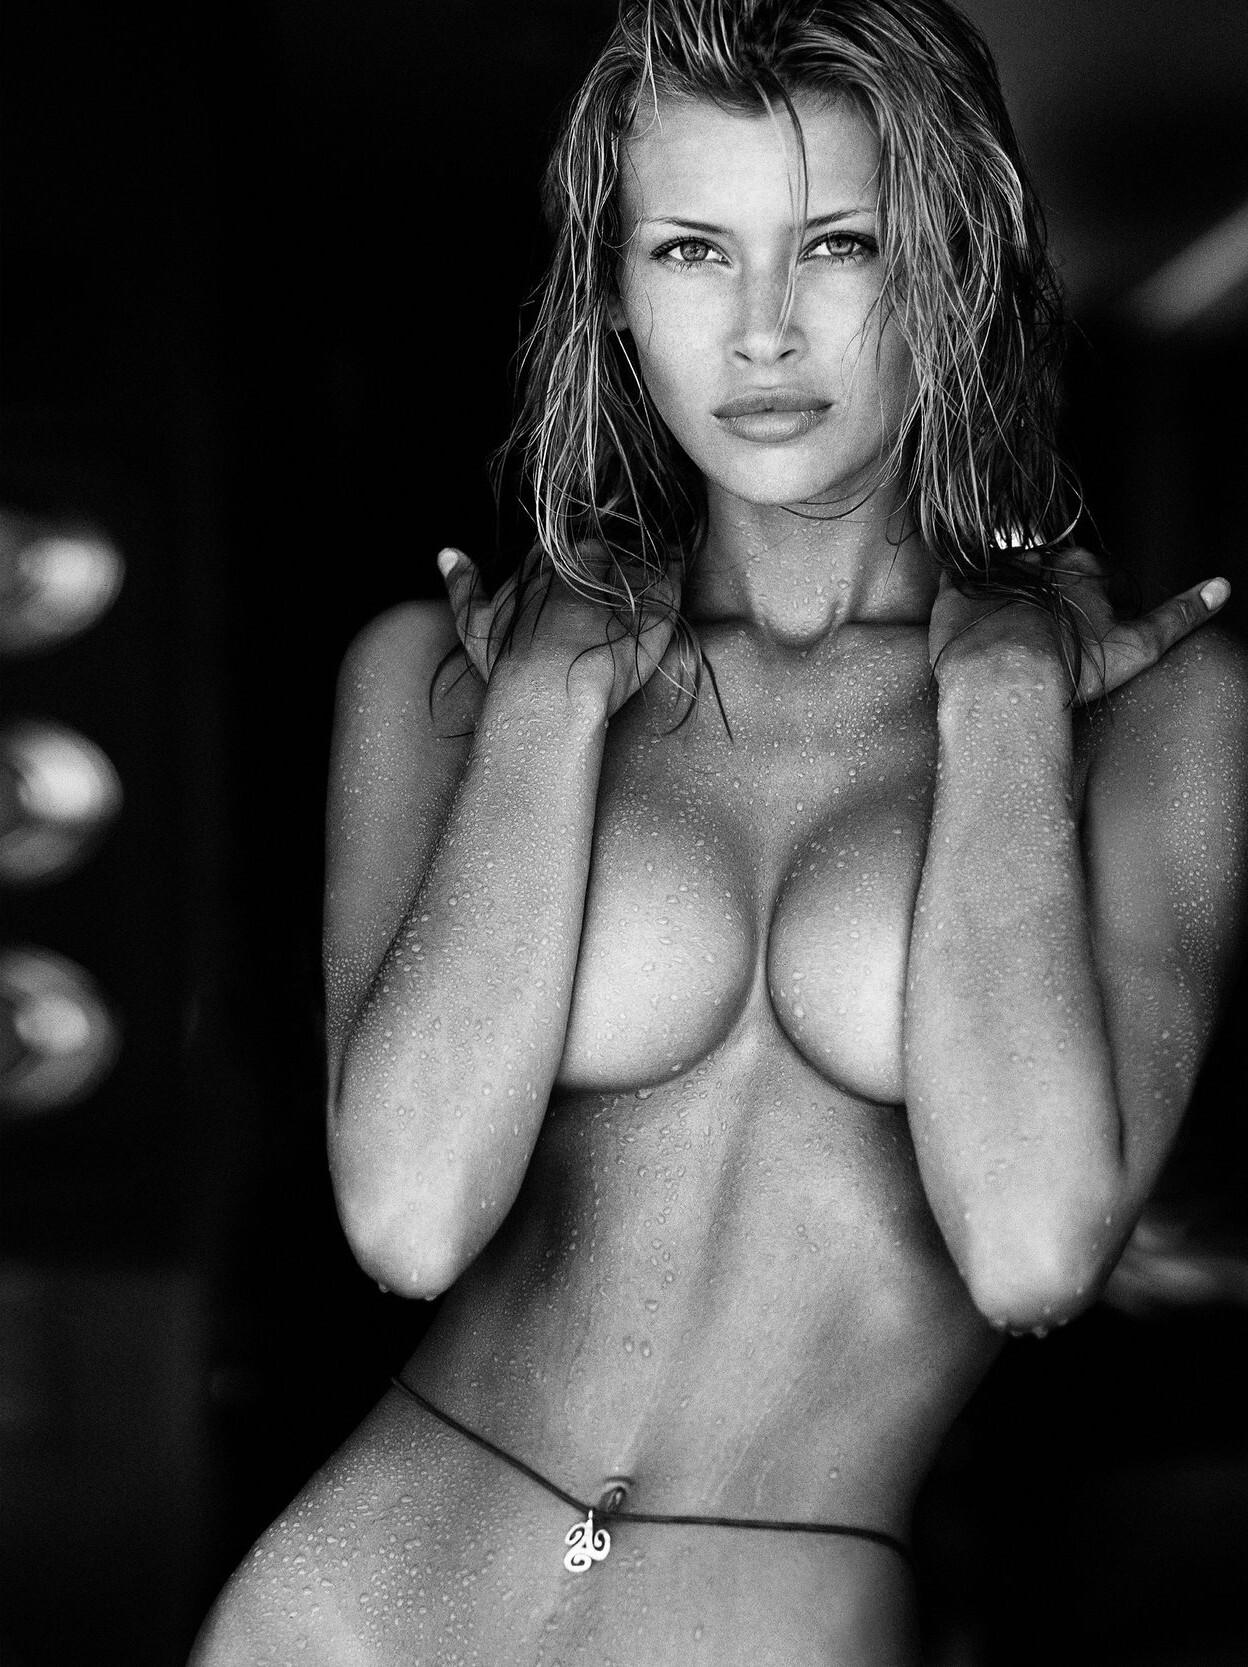 Даниэла Пештова, 1993. Фотограф Марко Главиано